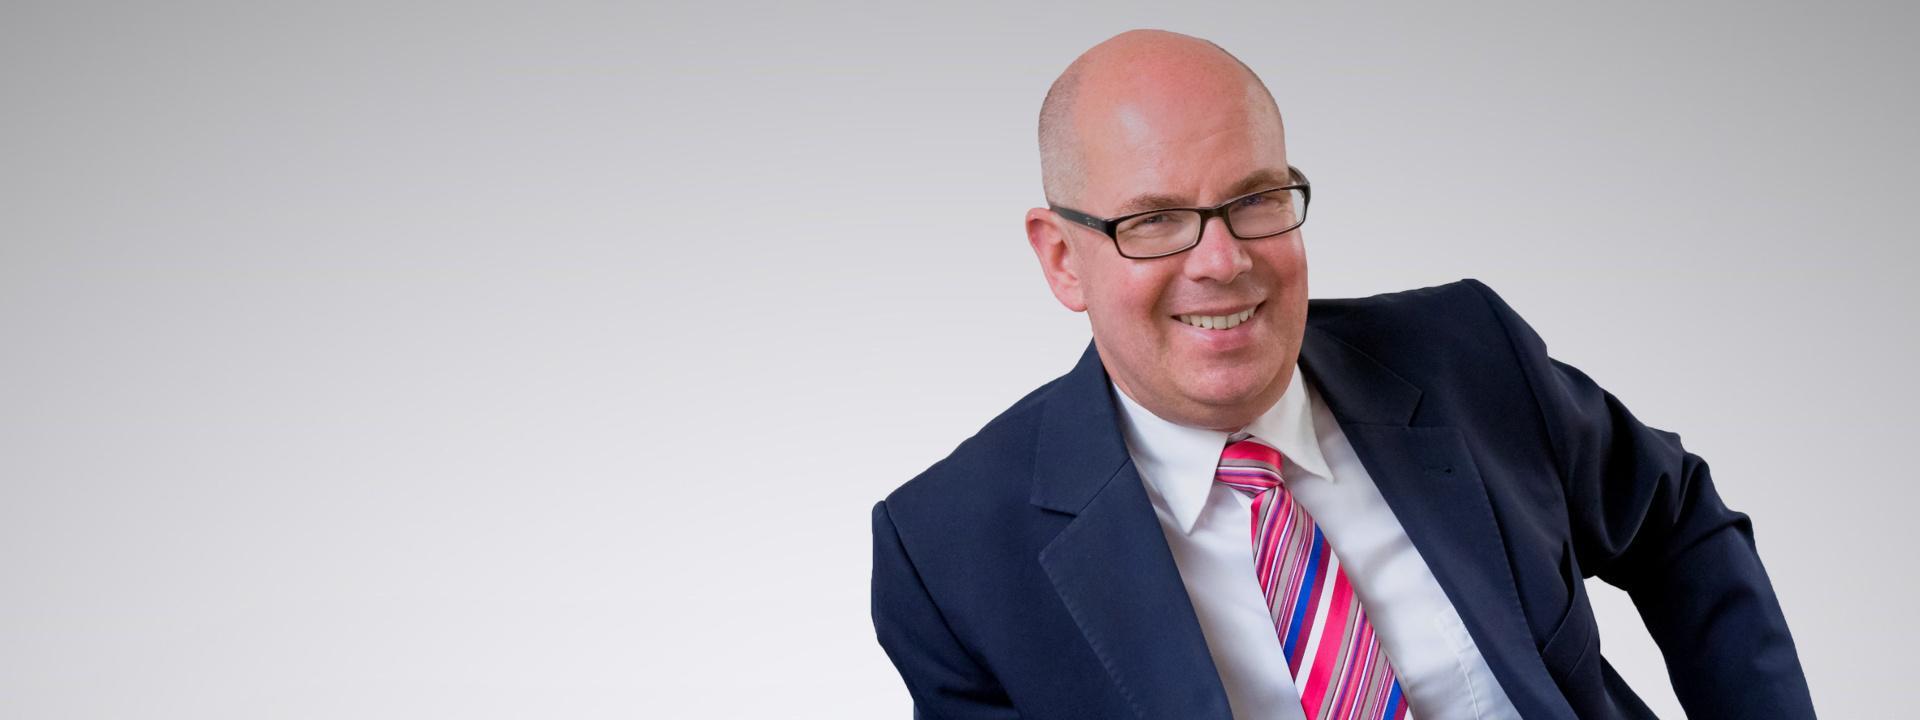 AZ Rechtsanwalt - Alexander Zehe